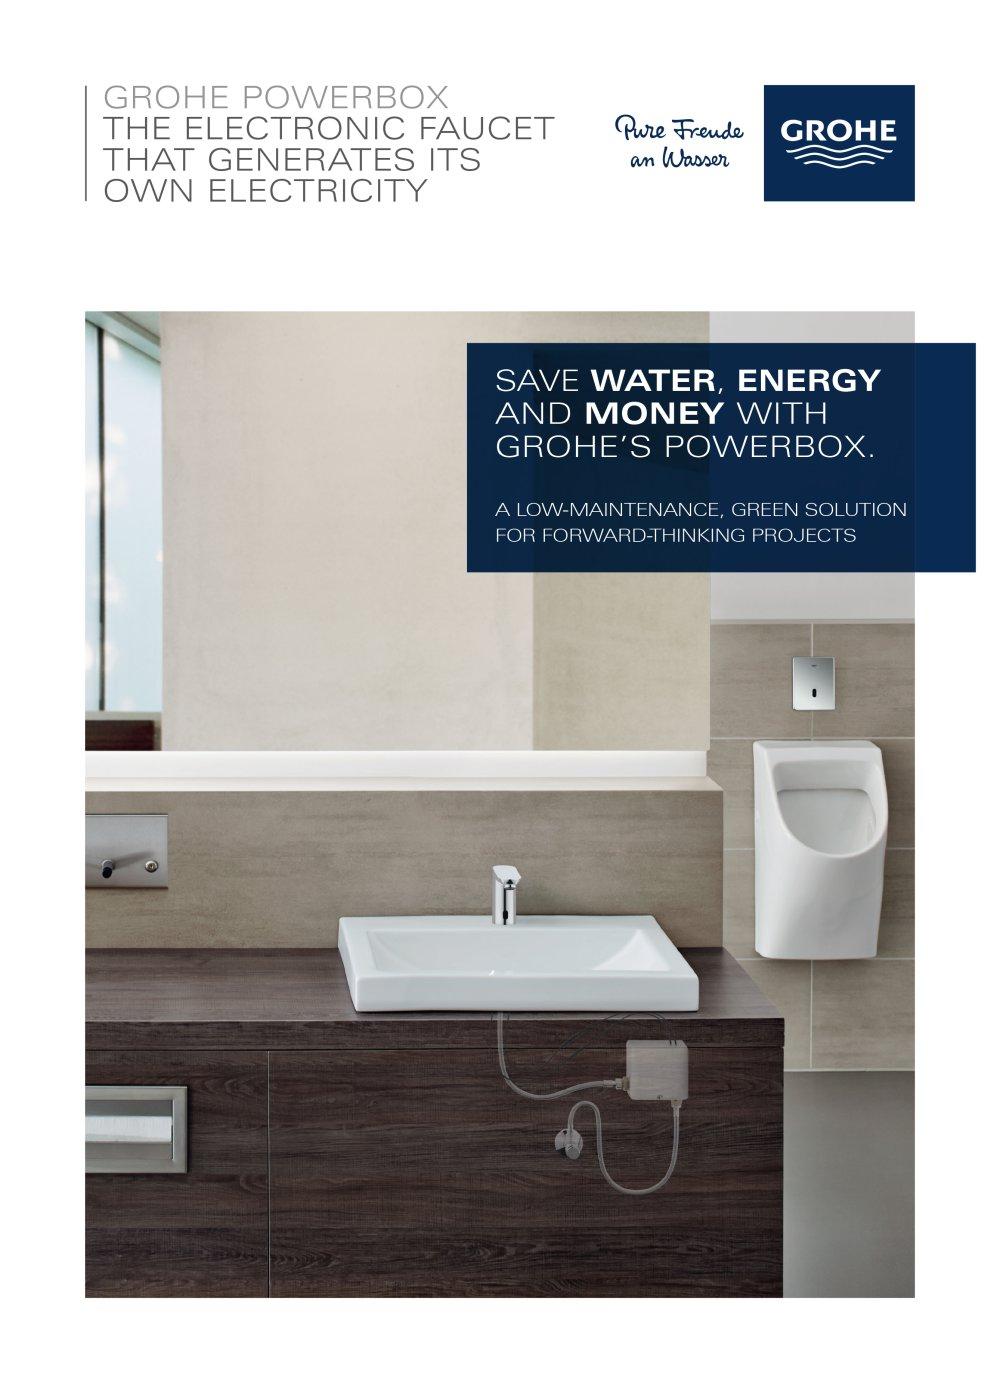 Grohe Bathroom Accessories Catalogue - Bathroom Designs